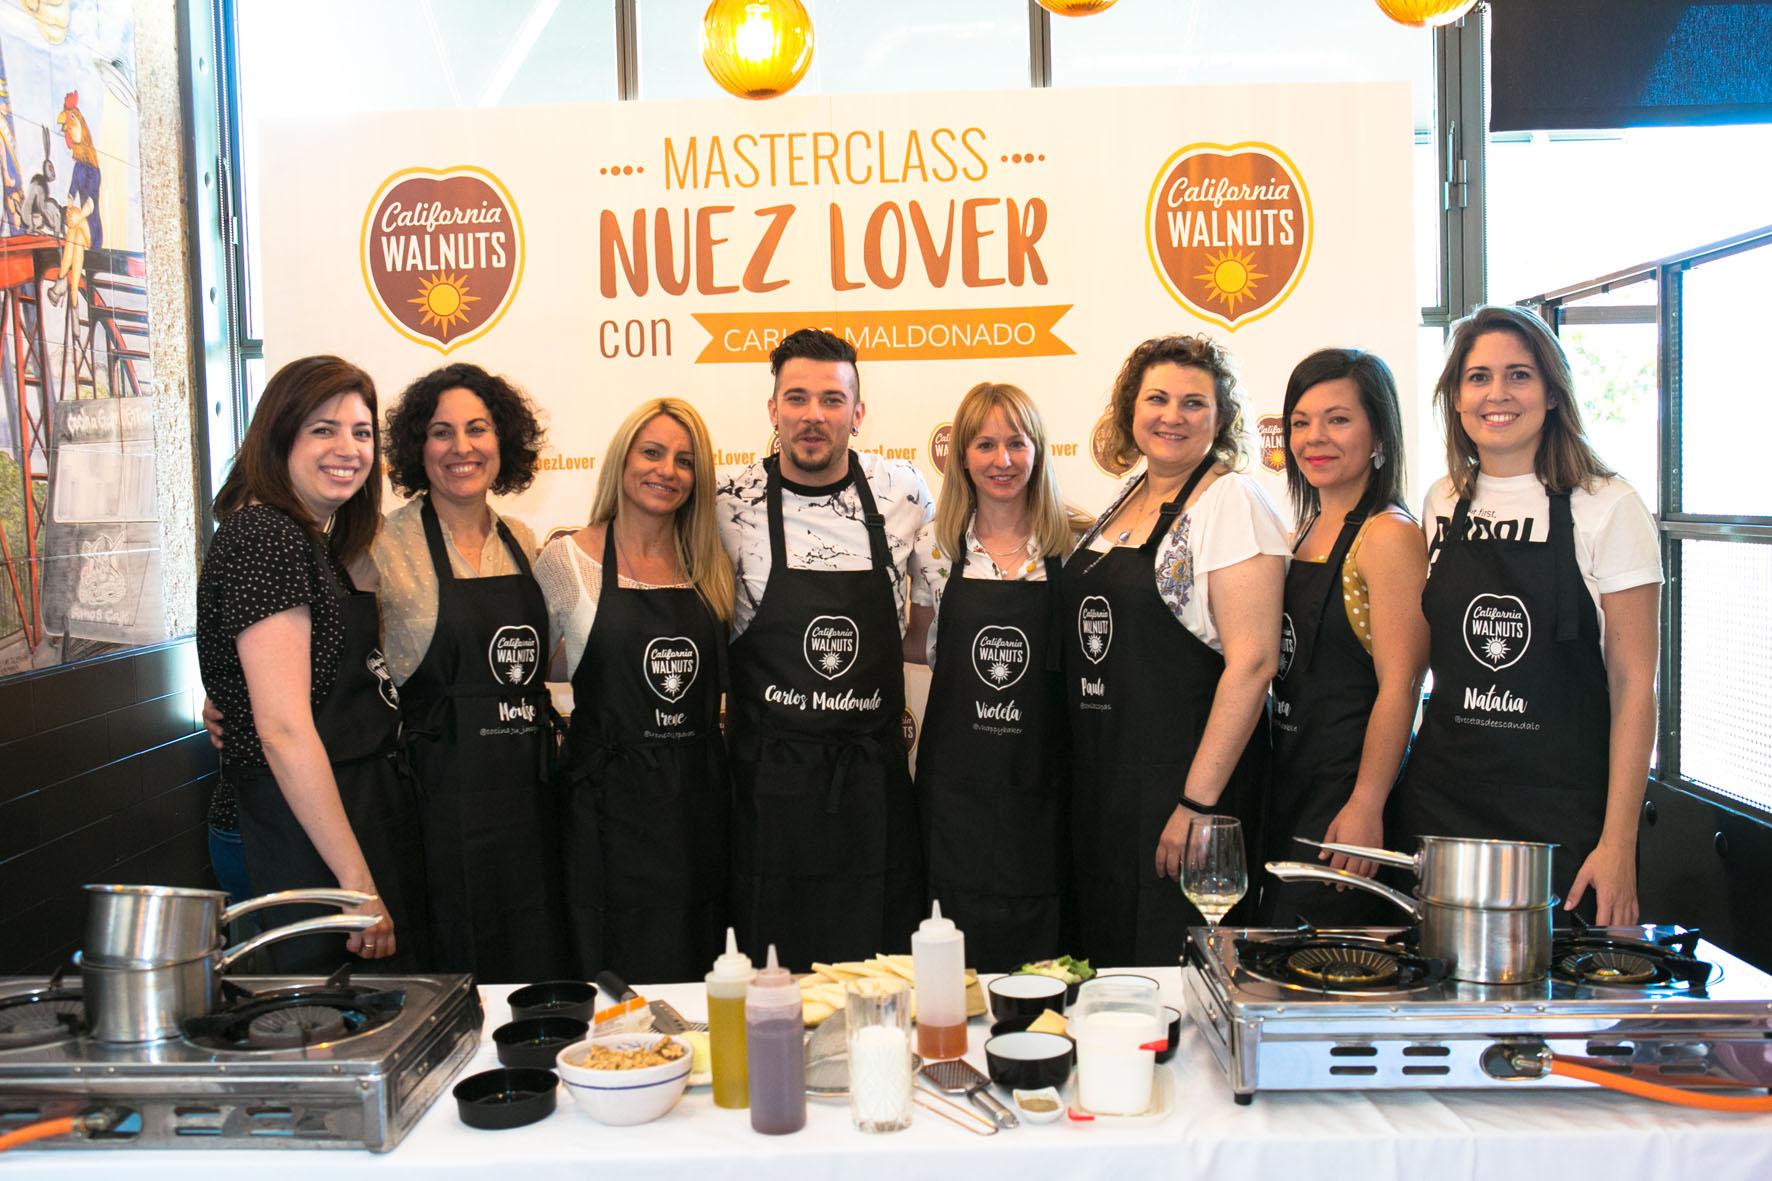 Las participantes en el evento con el chef Carlos Maldonado